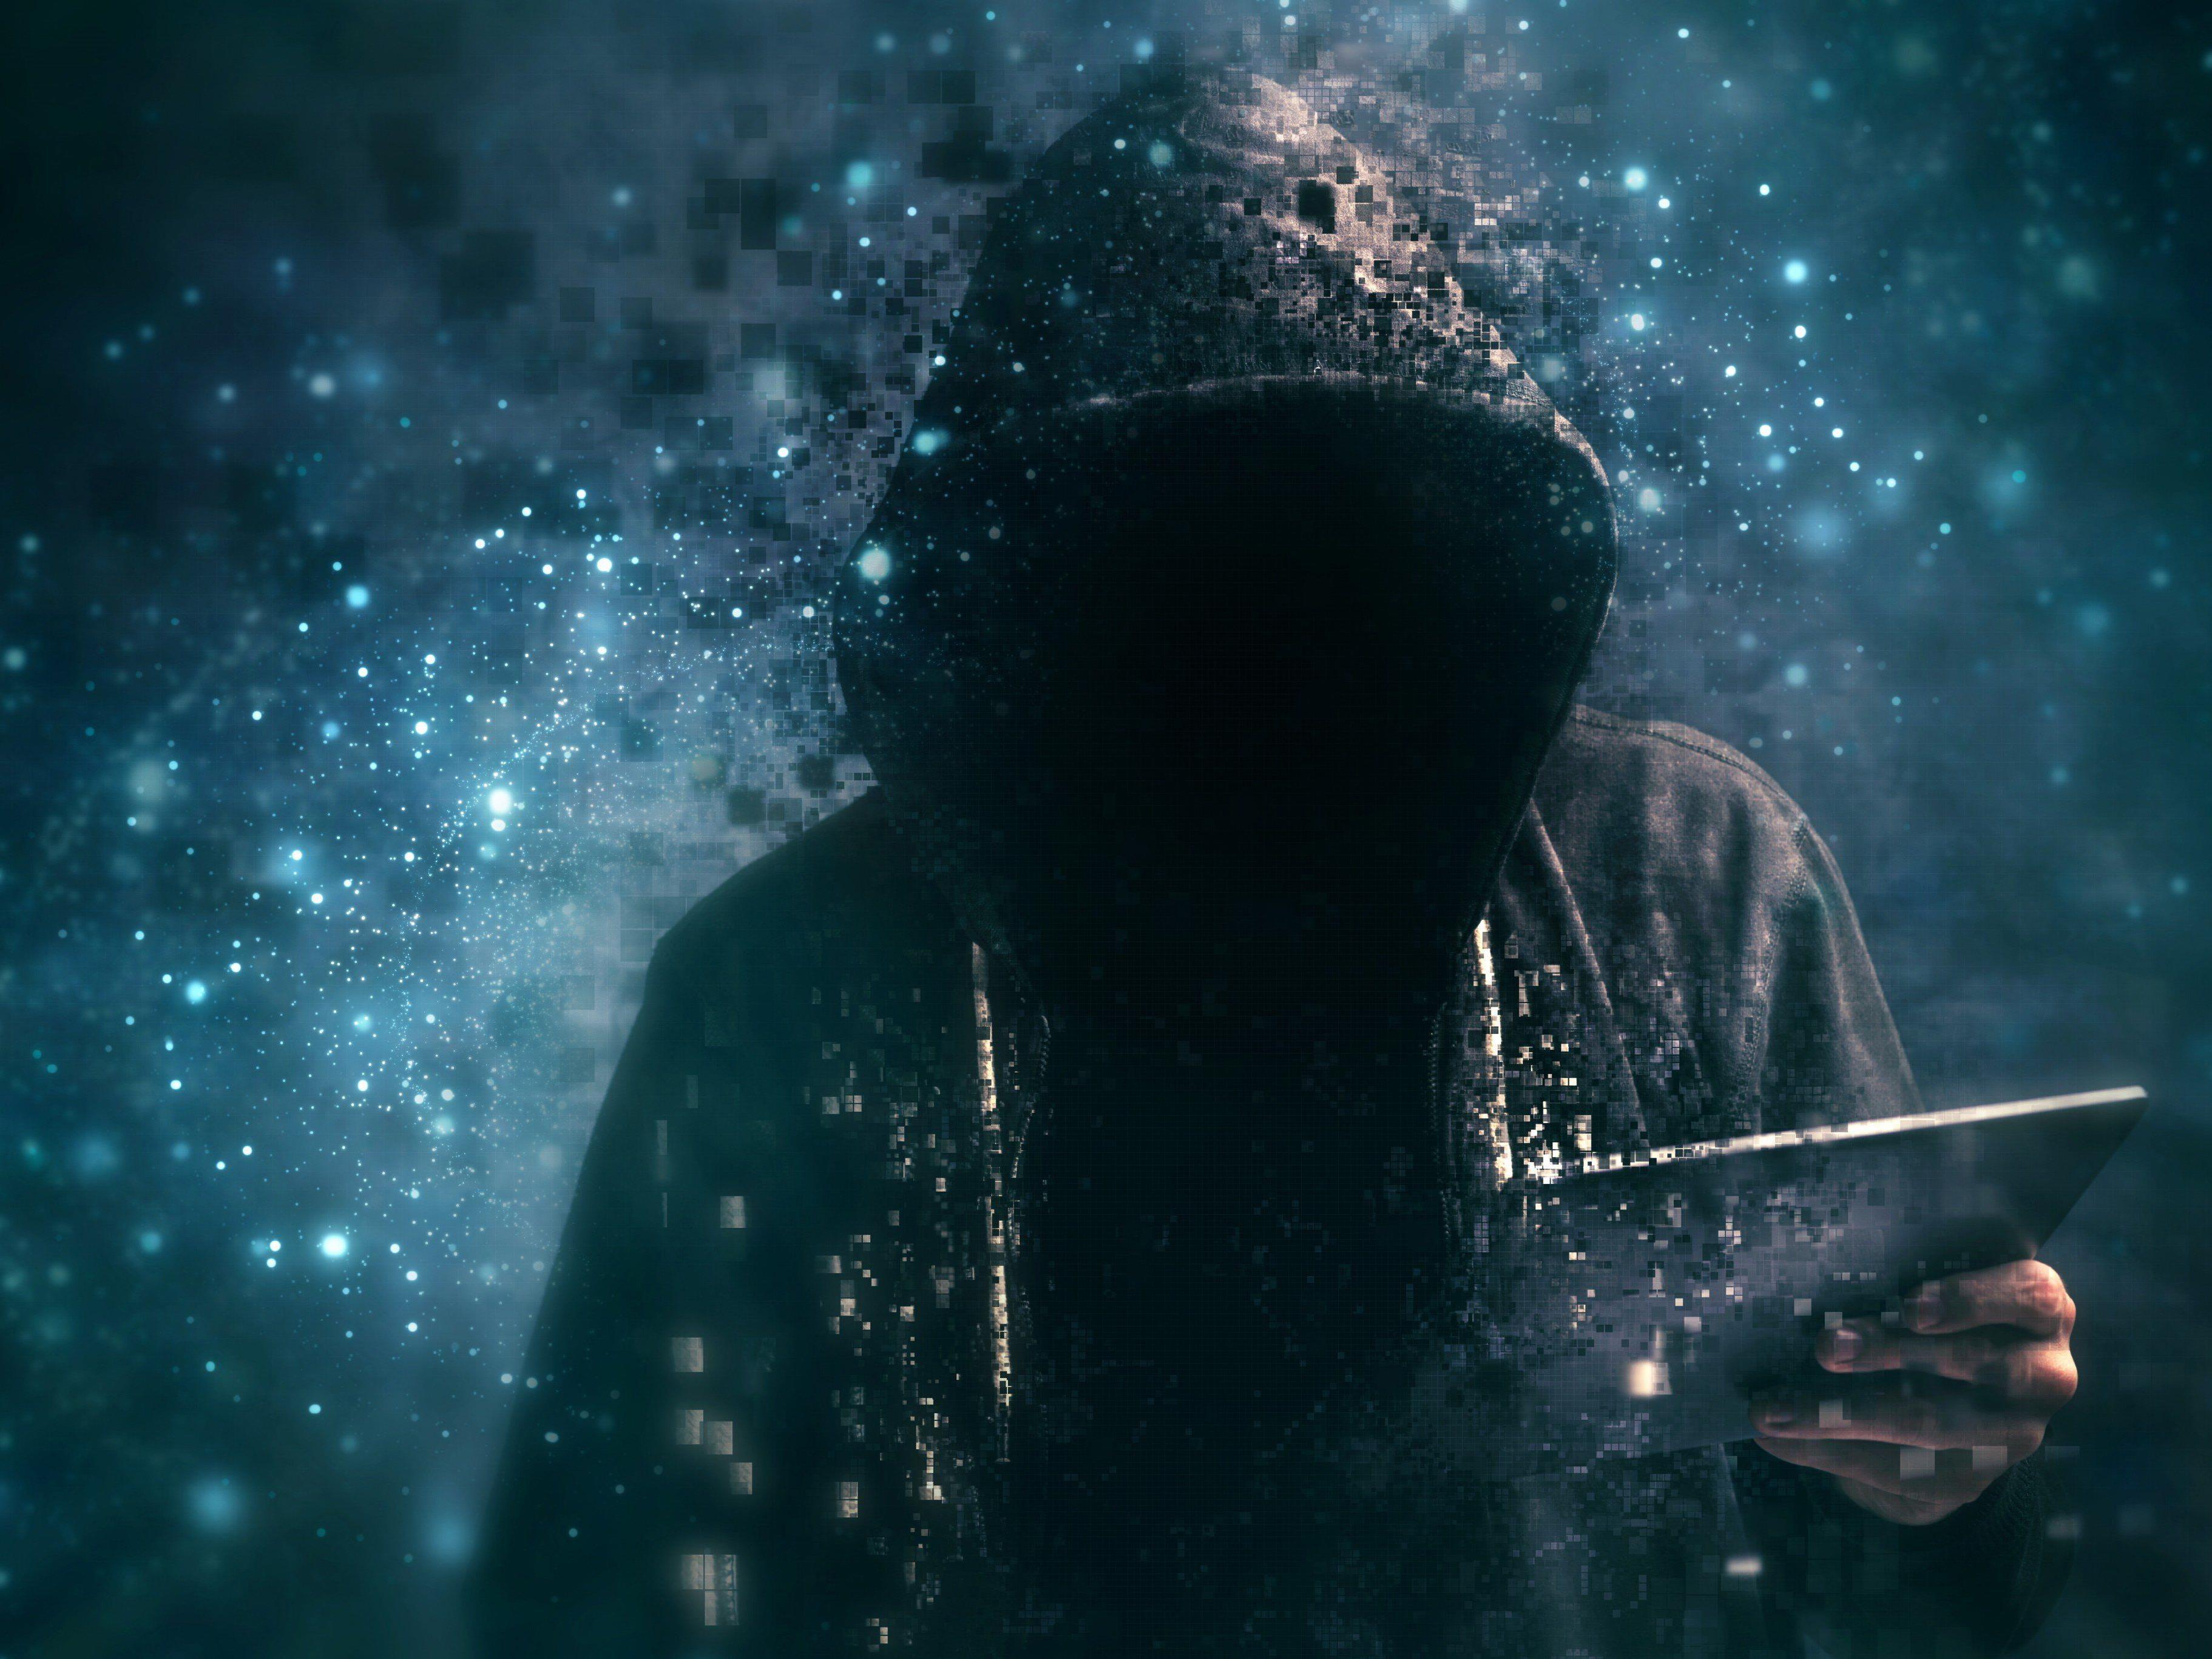 70 Prozent der angebotenen Waren im Darknet sind illegale Drogen.